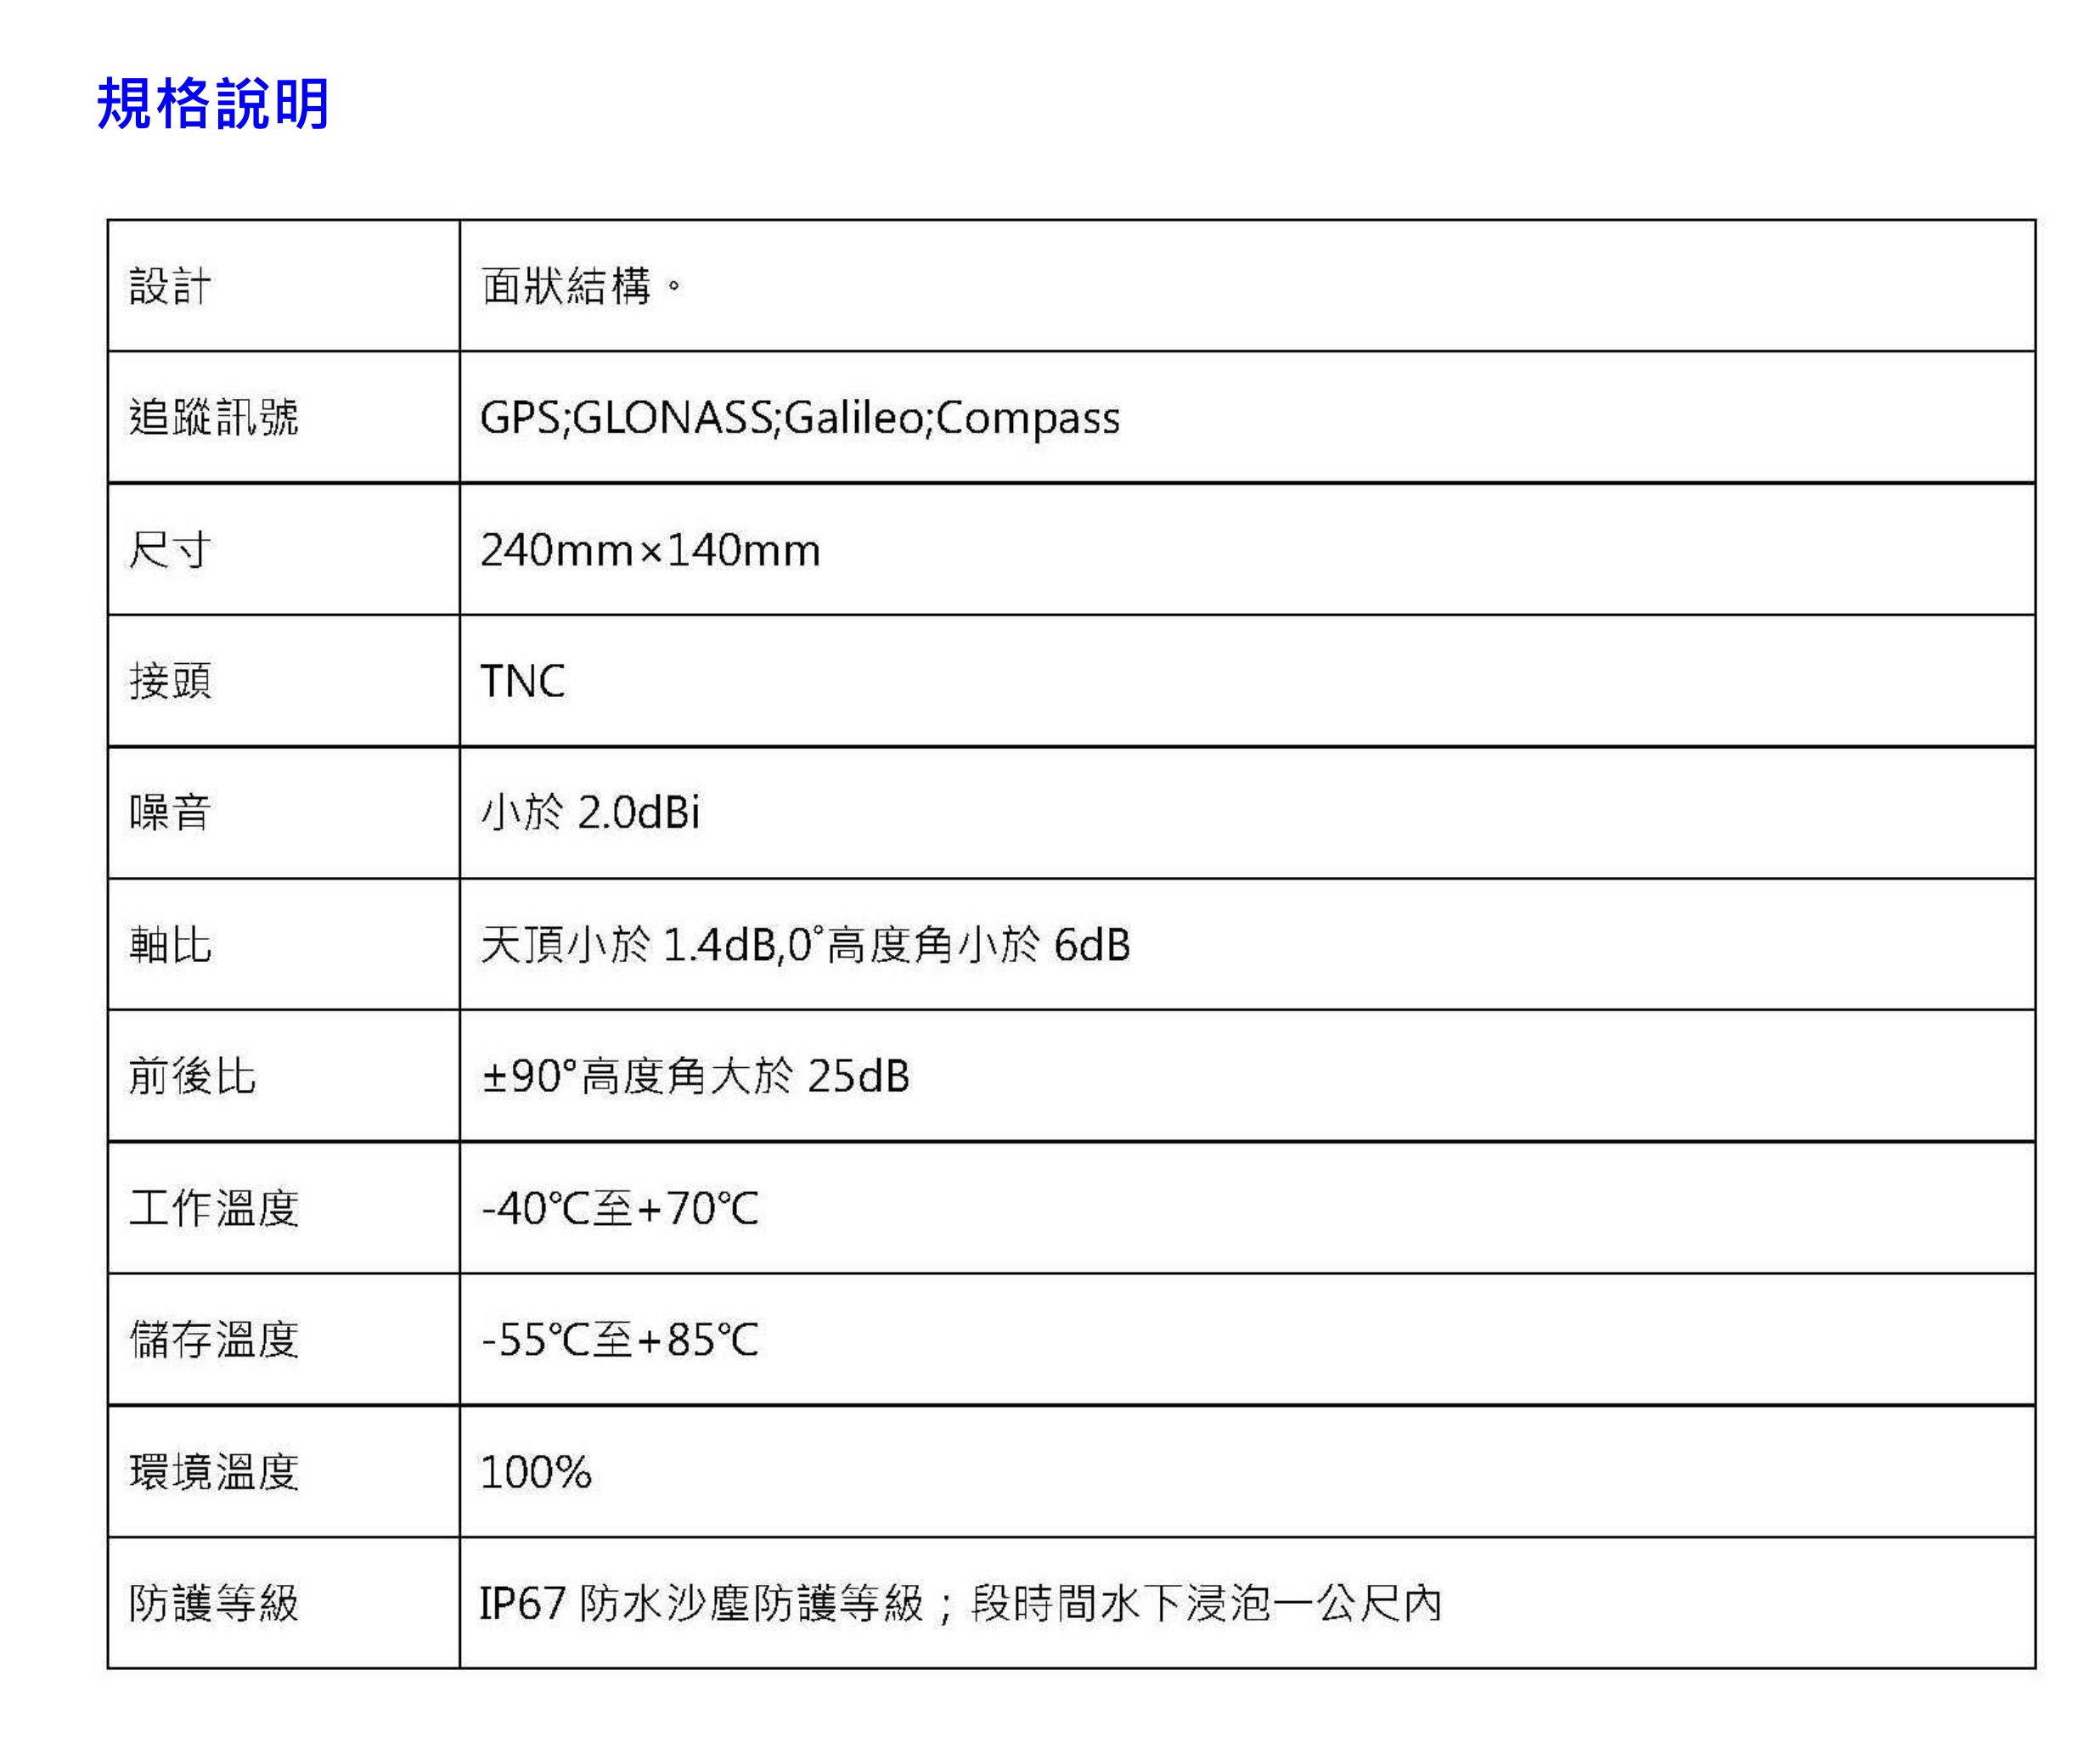 Leica%20AR10 1 基準站天線 Leica AR10